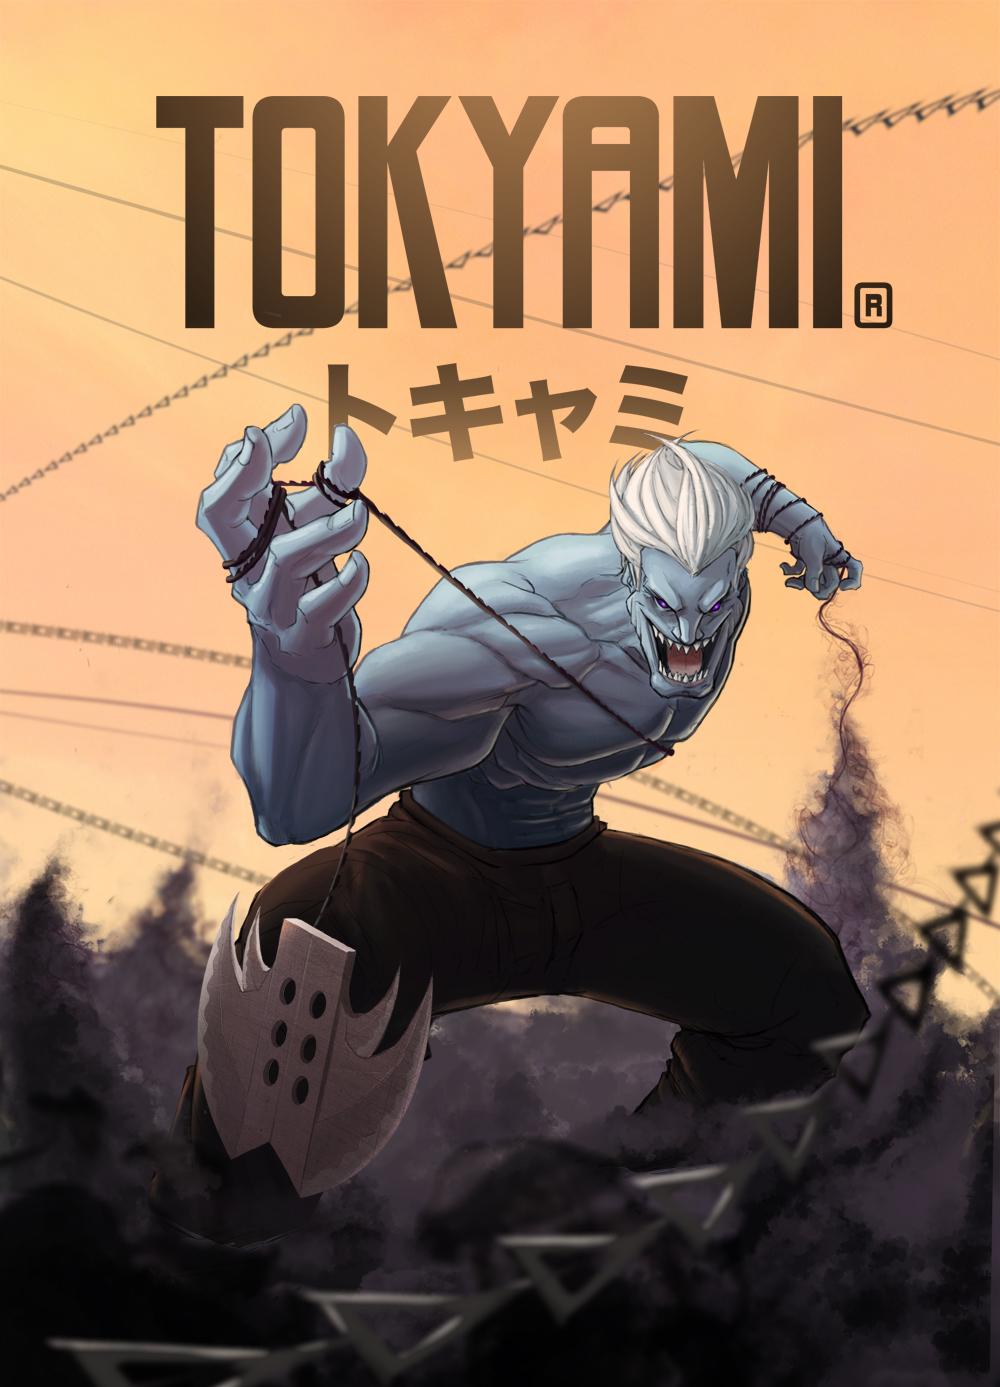 TOKYAMI